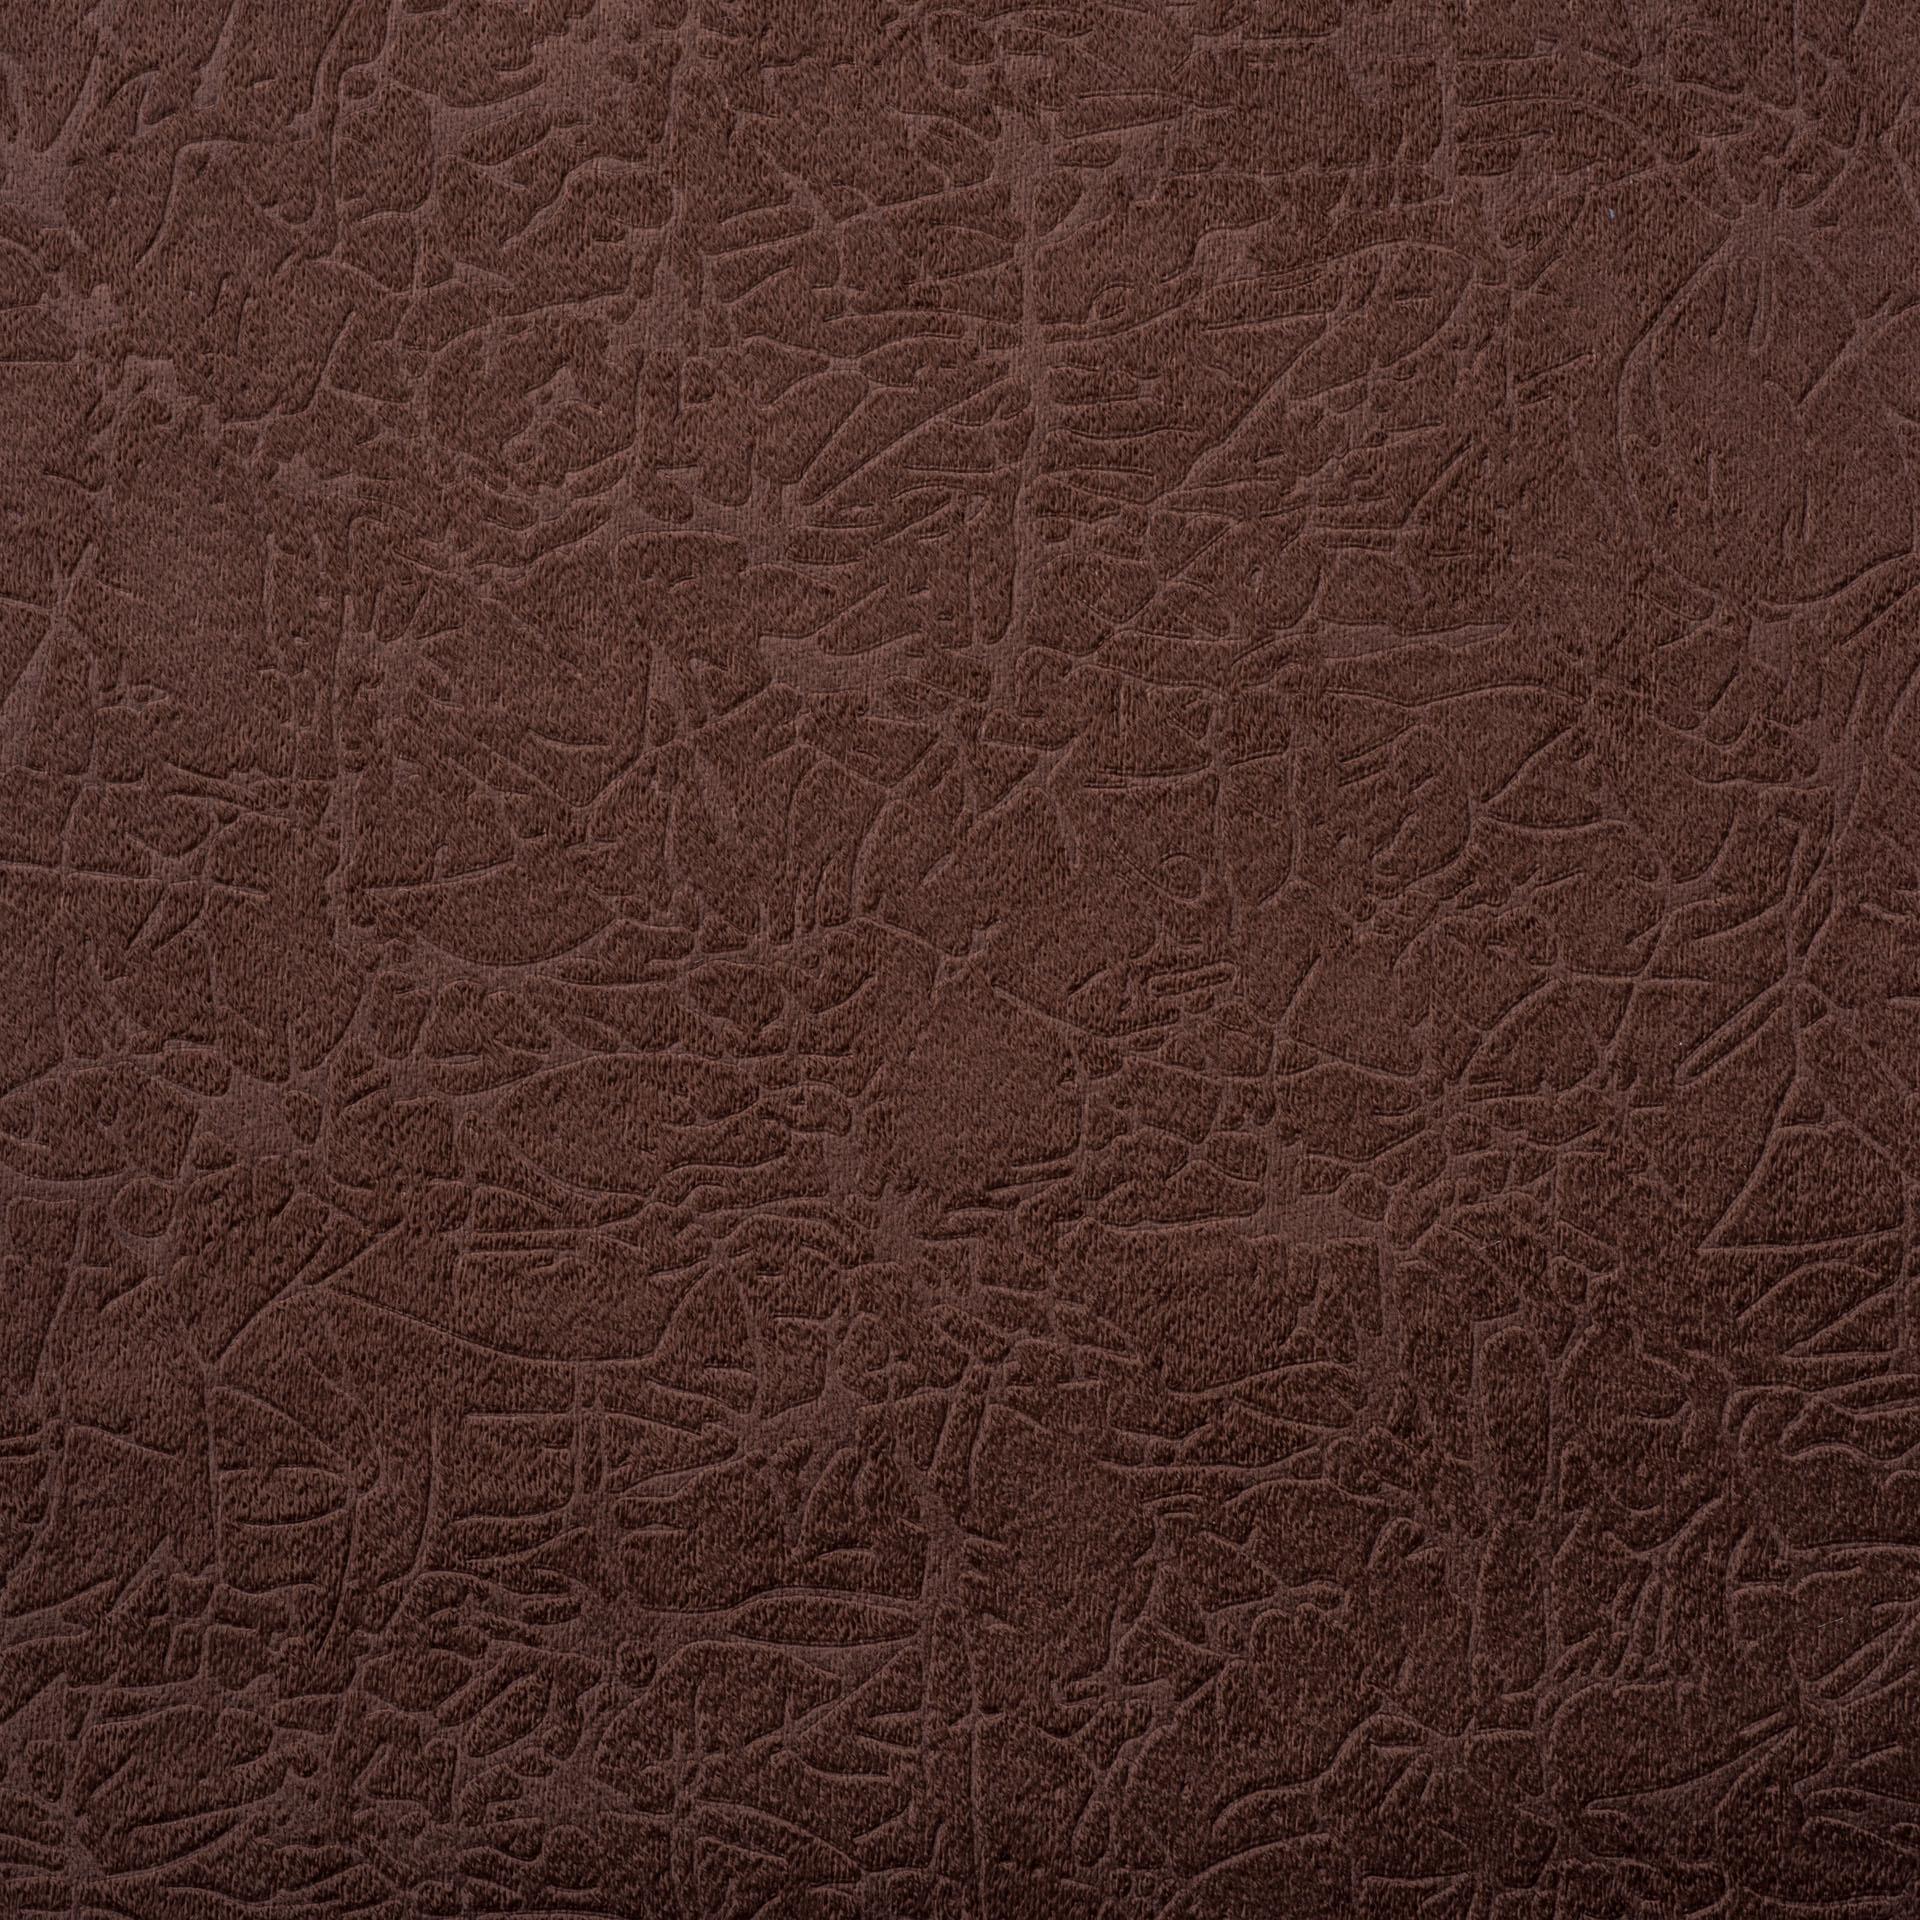 Коллекция ткани Пленет 04 BROWN,  купить ткань Велюр для мебели Украина